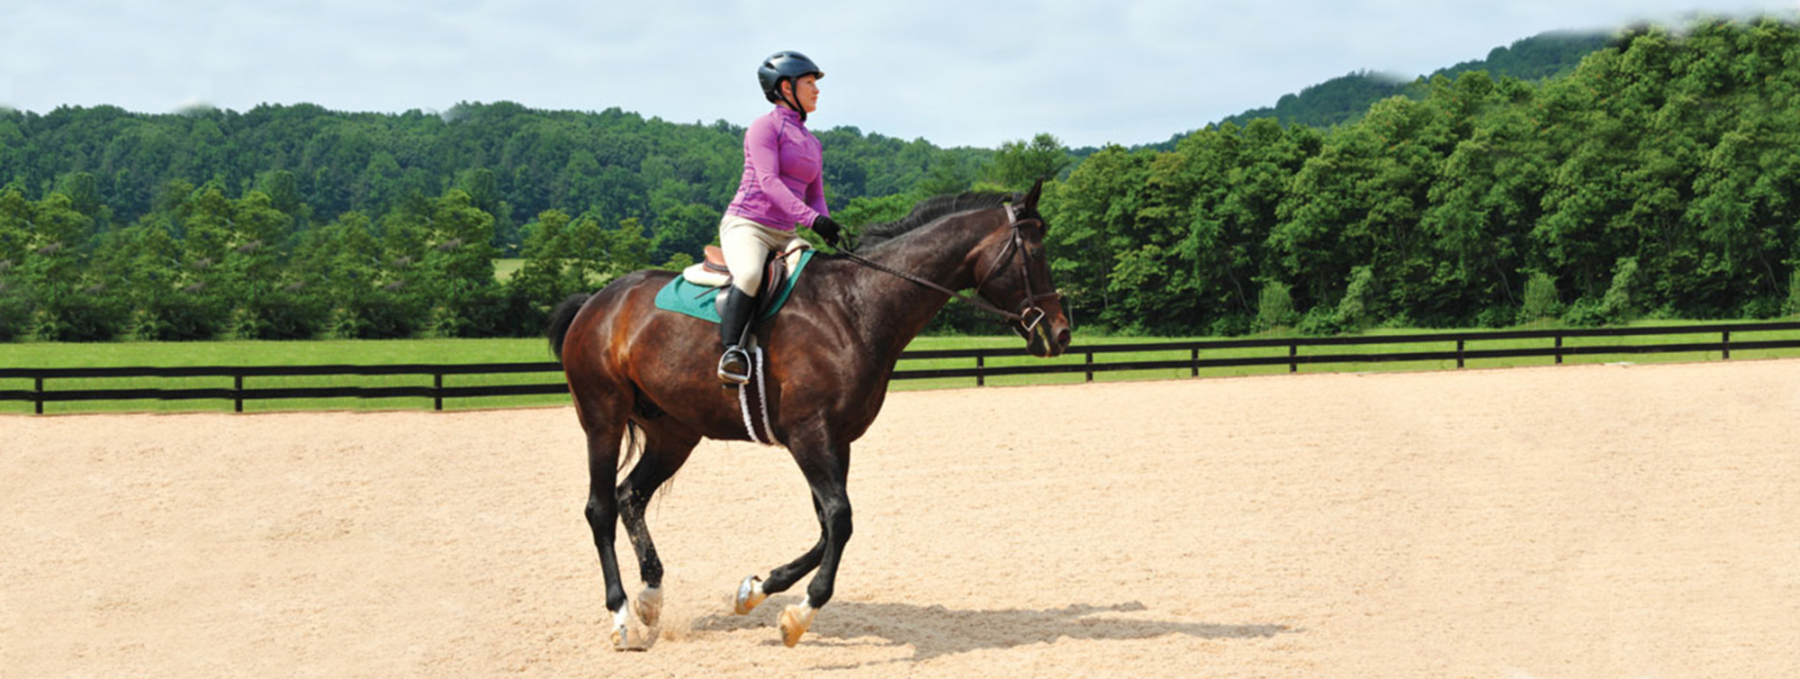 Matchsaver for Equestrian equestrian